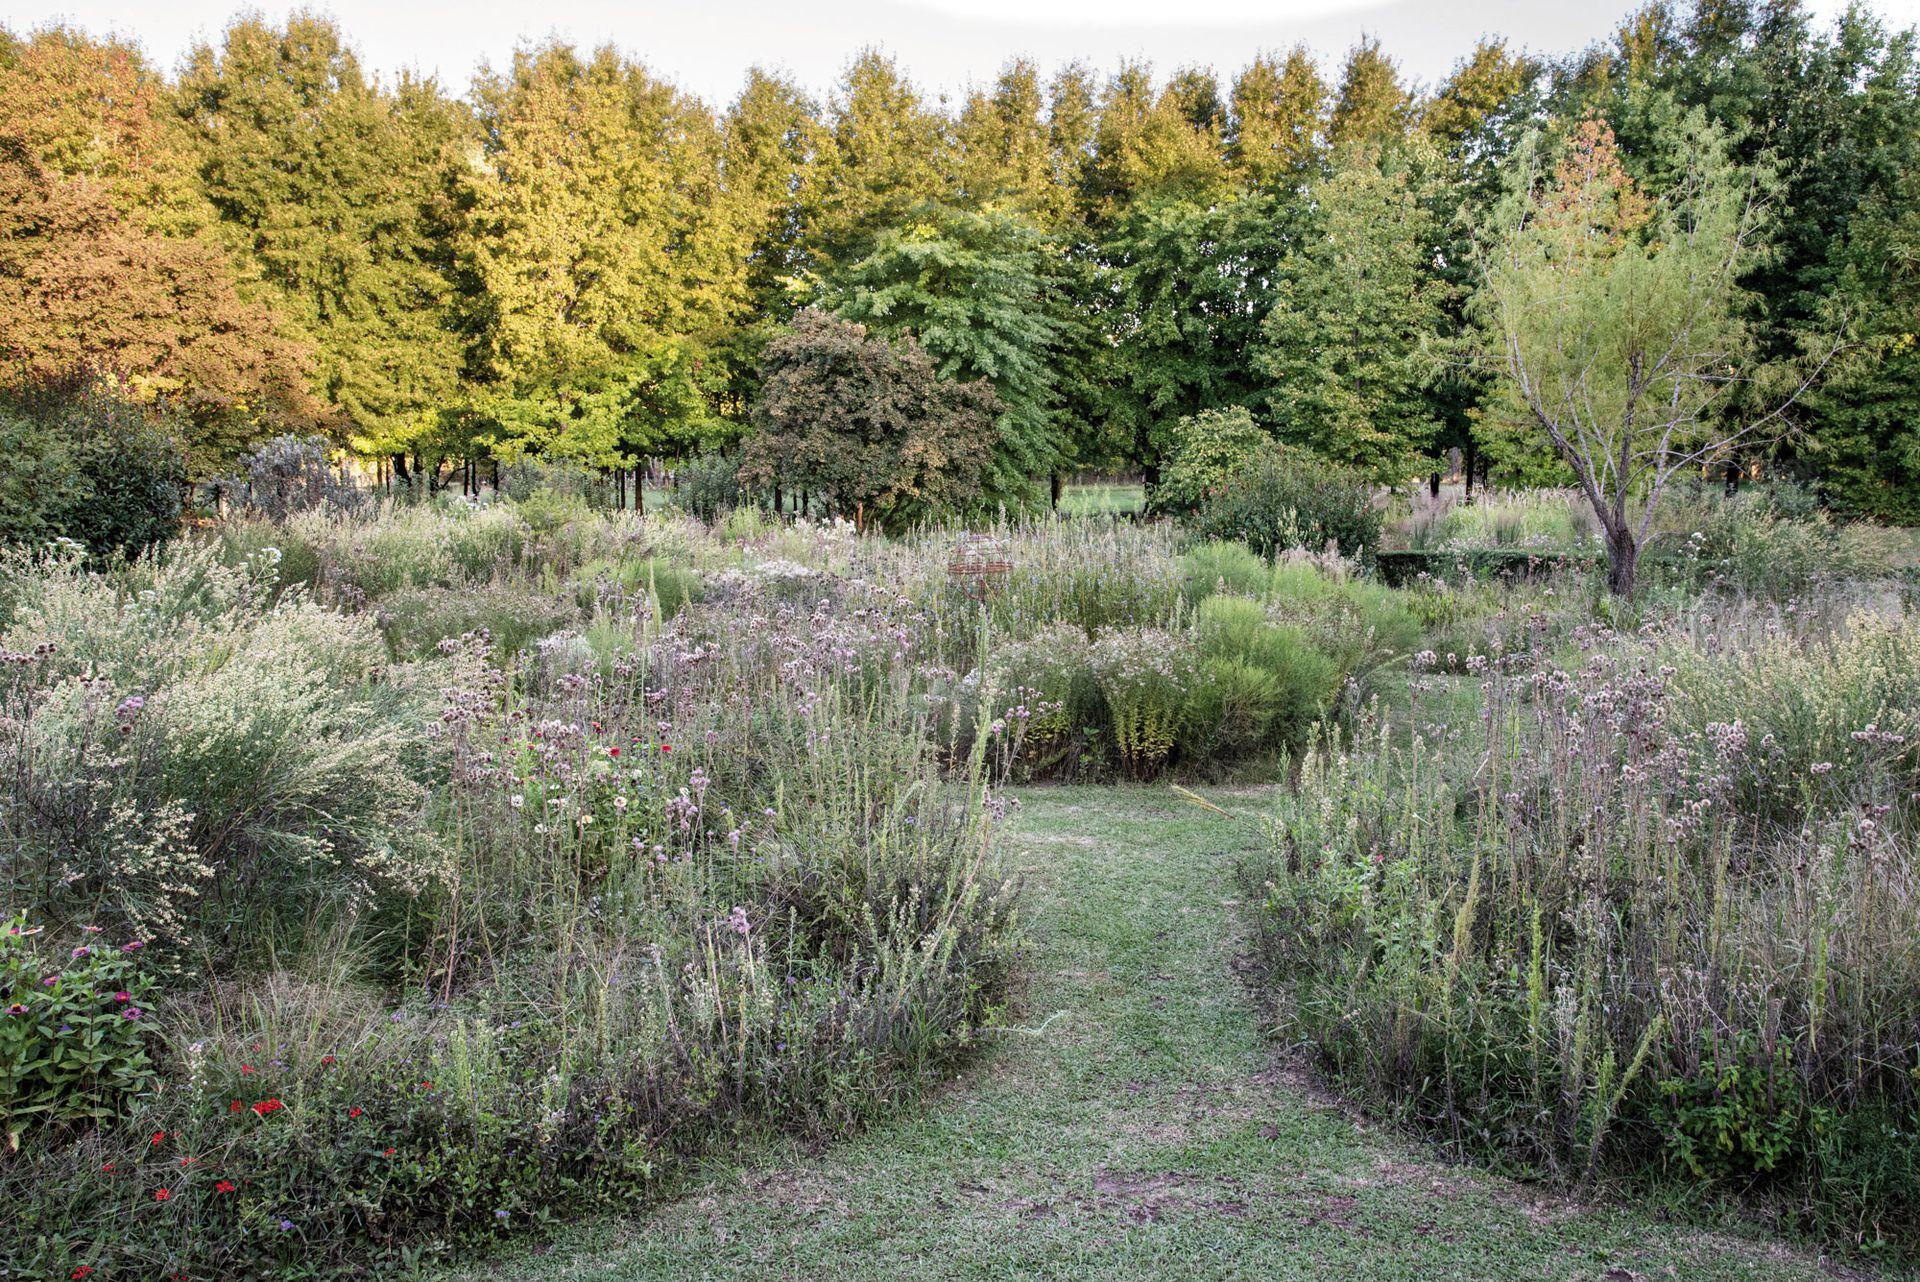 Pastizal experimental de herbáceas y gramíneas nativas que se va desarrollando año a año a través de la autorresiembra. Se observan Campuloclinium macrocephalum, Achyrocline satureioides y Eupatorium subhastatum, entre otros.